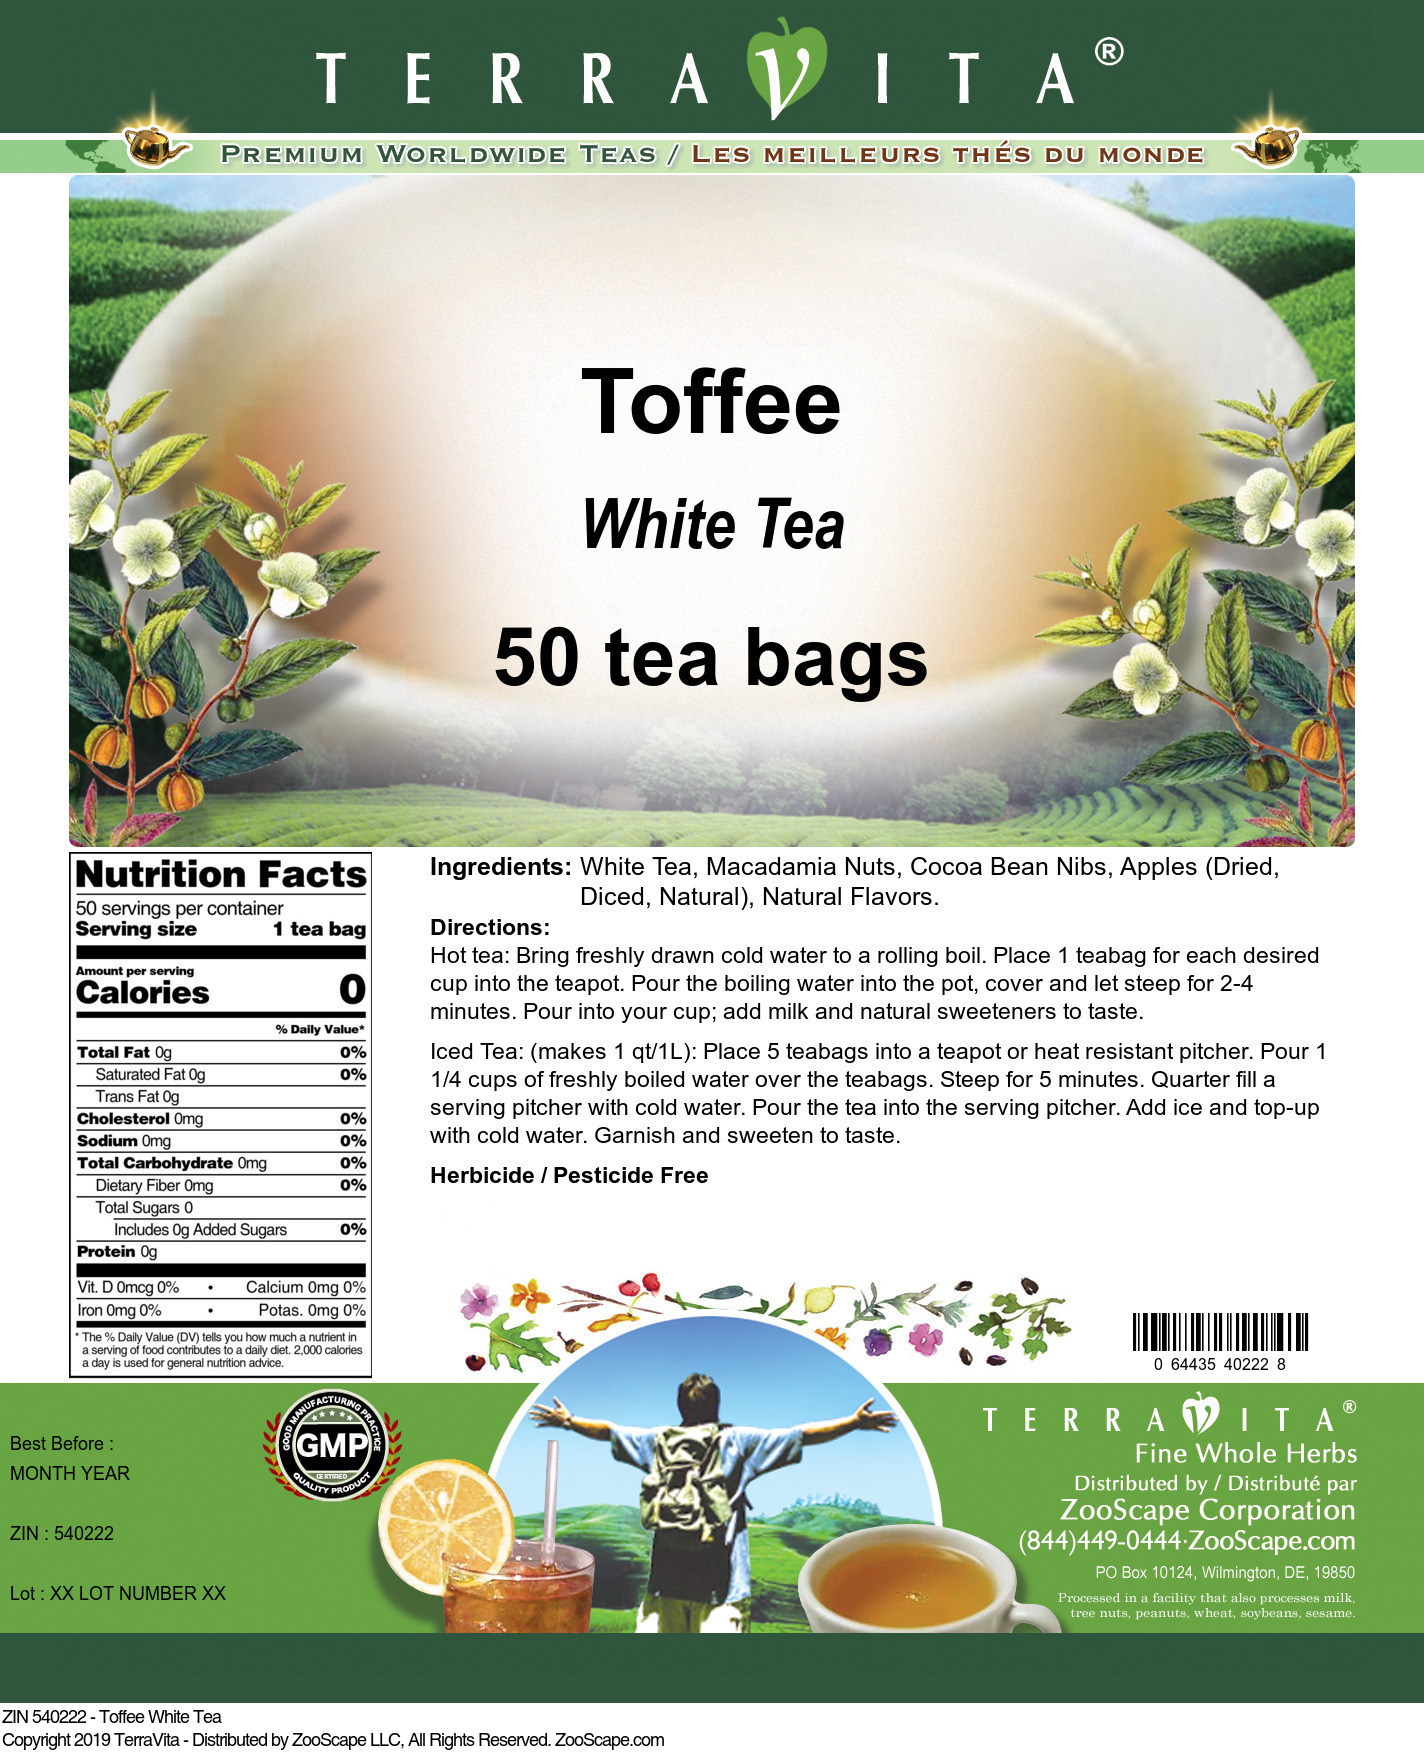 Toffee White Tea